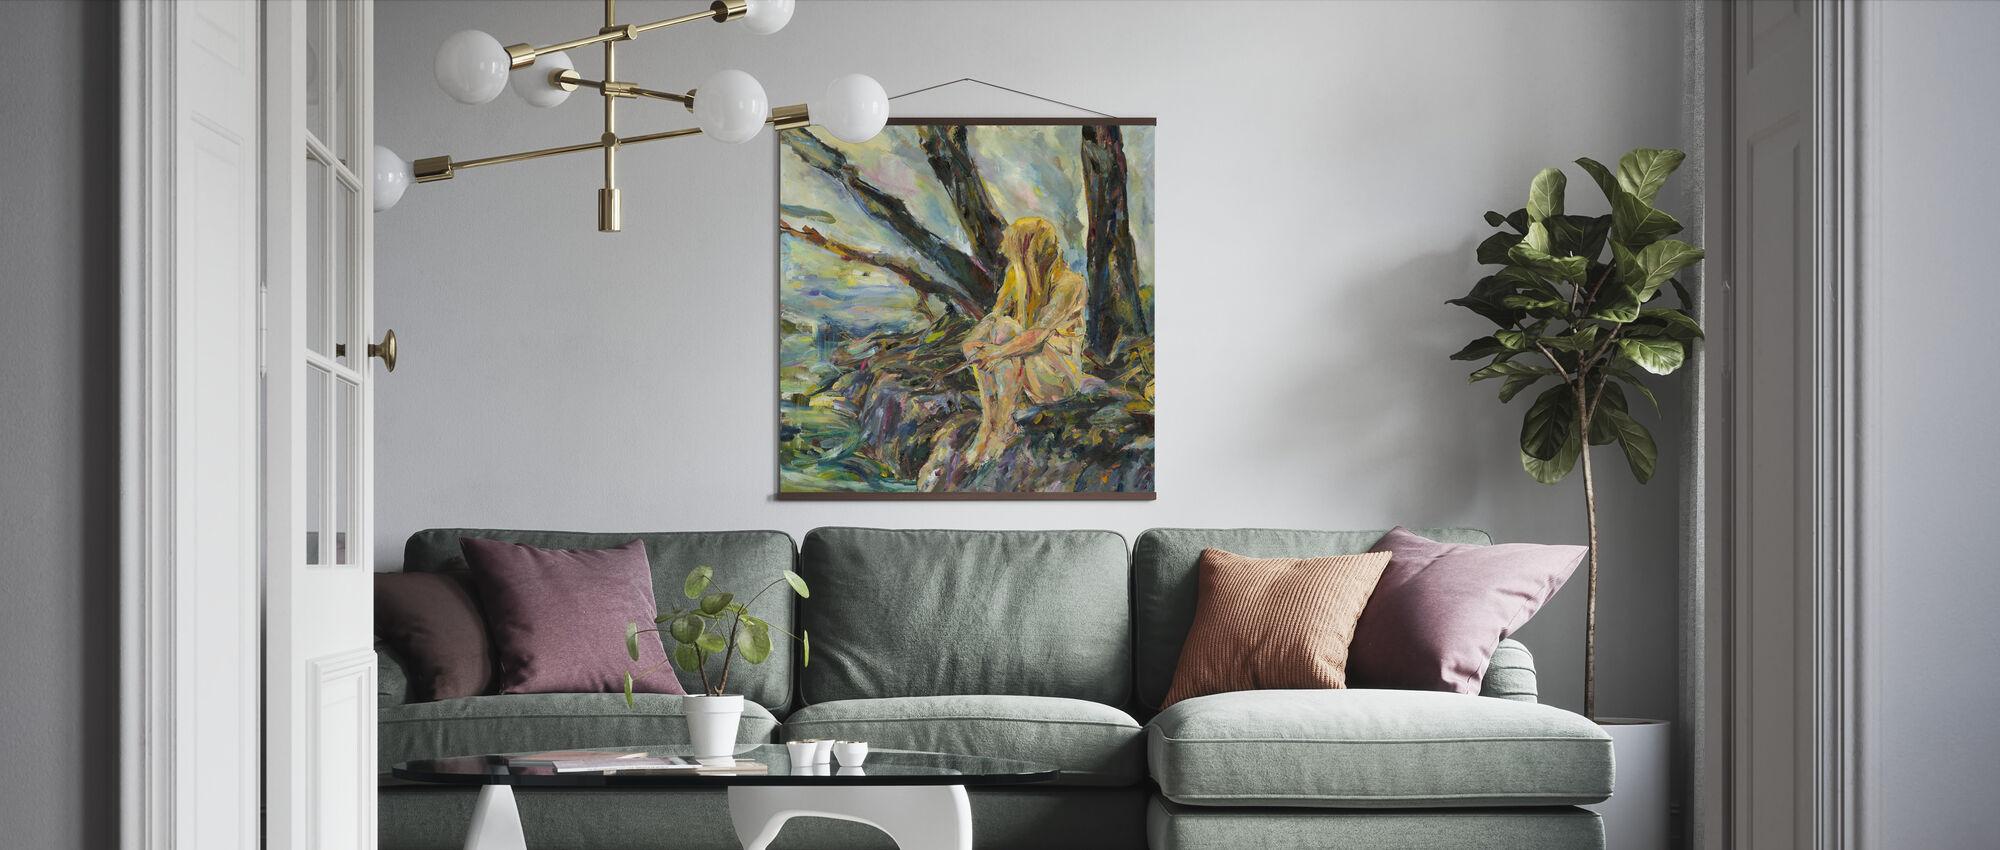 Dromskog - Poster - Living Room